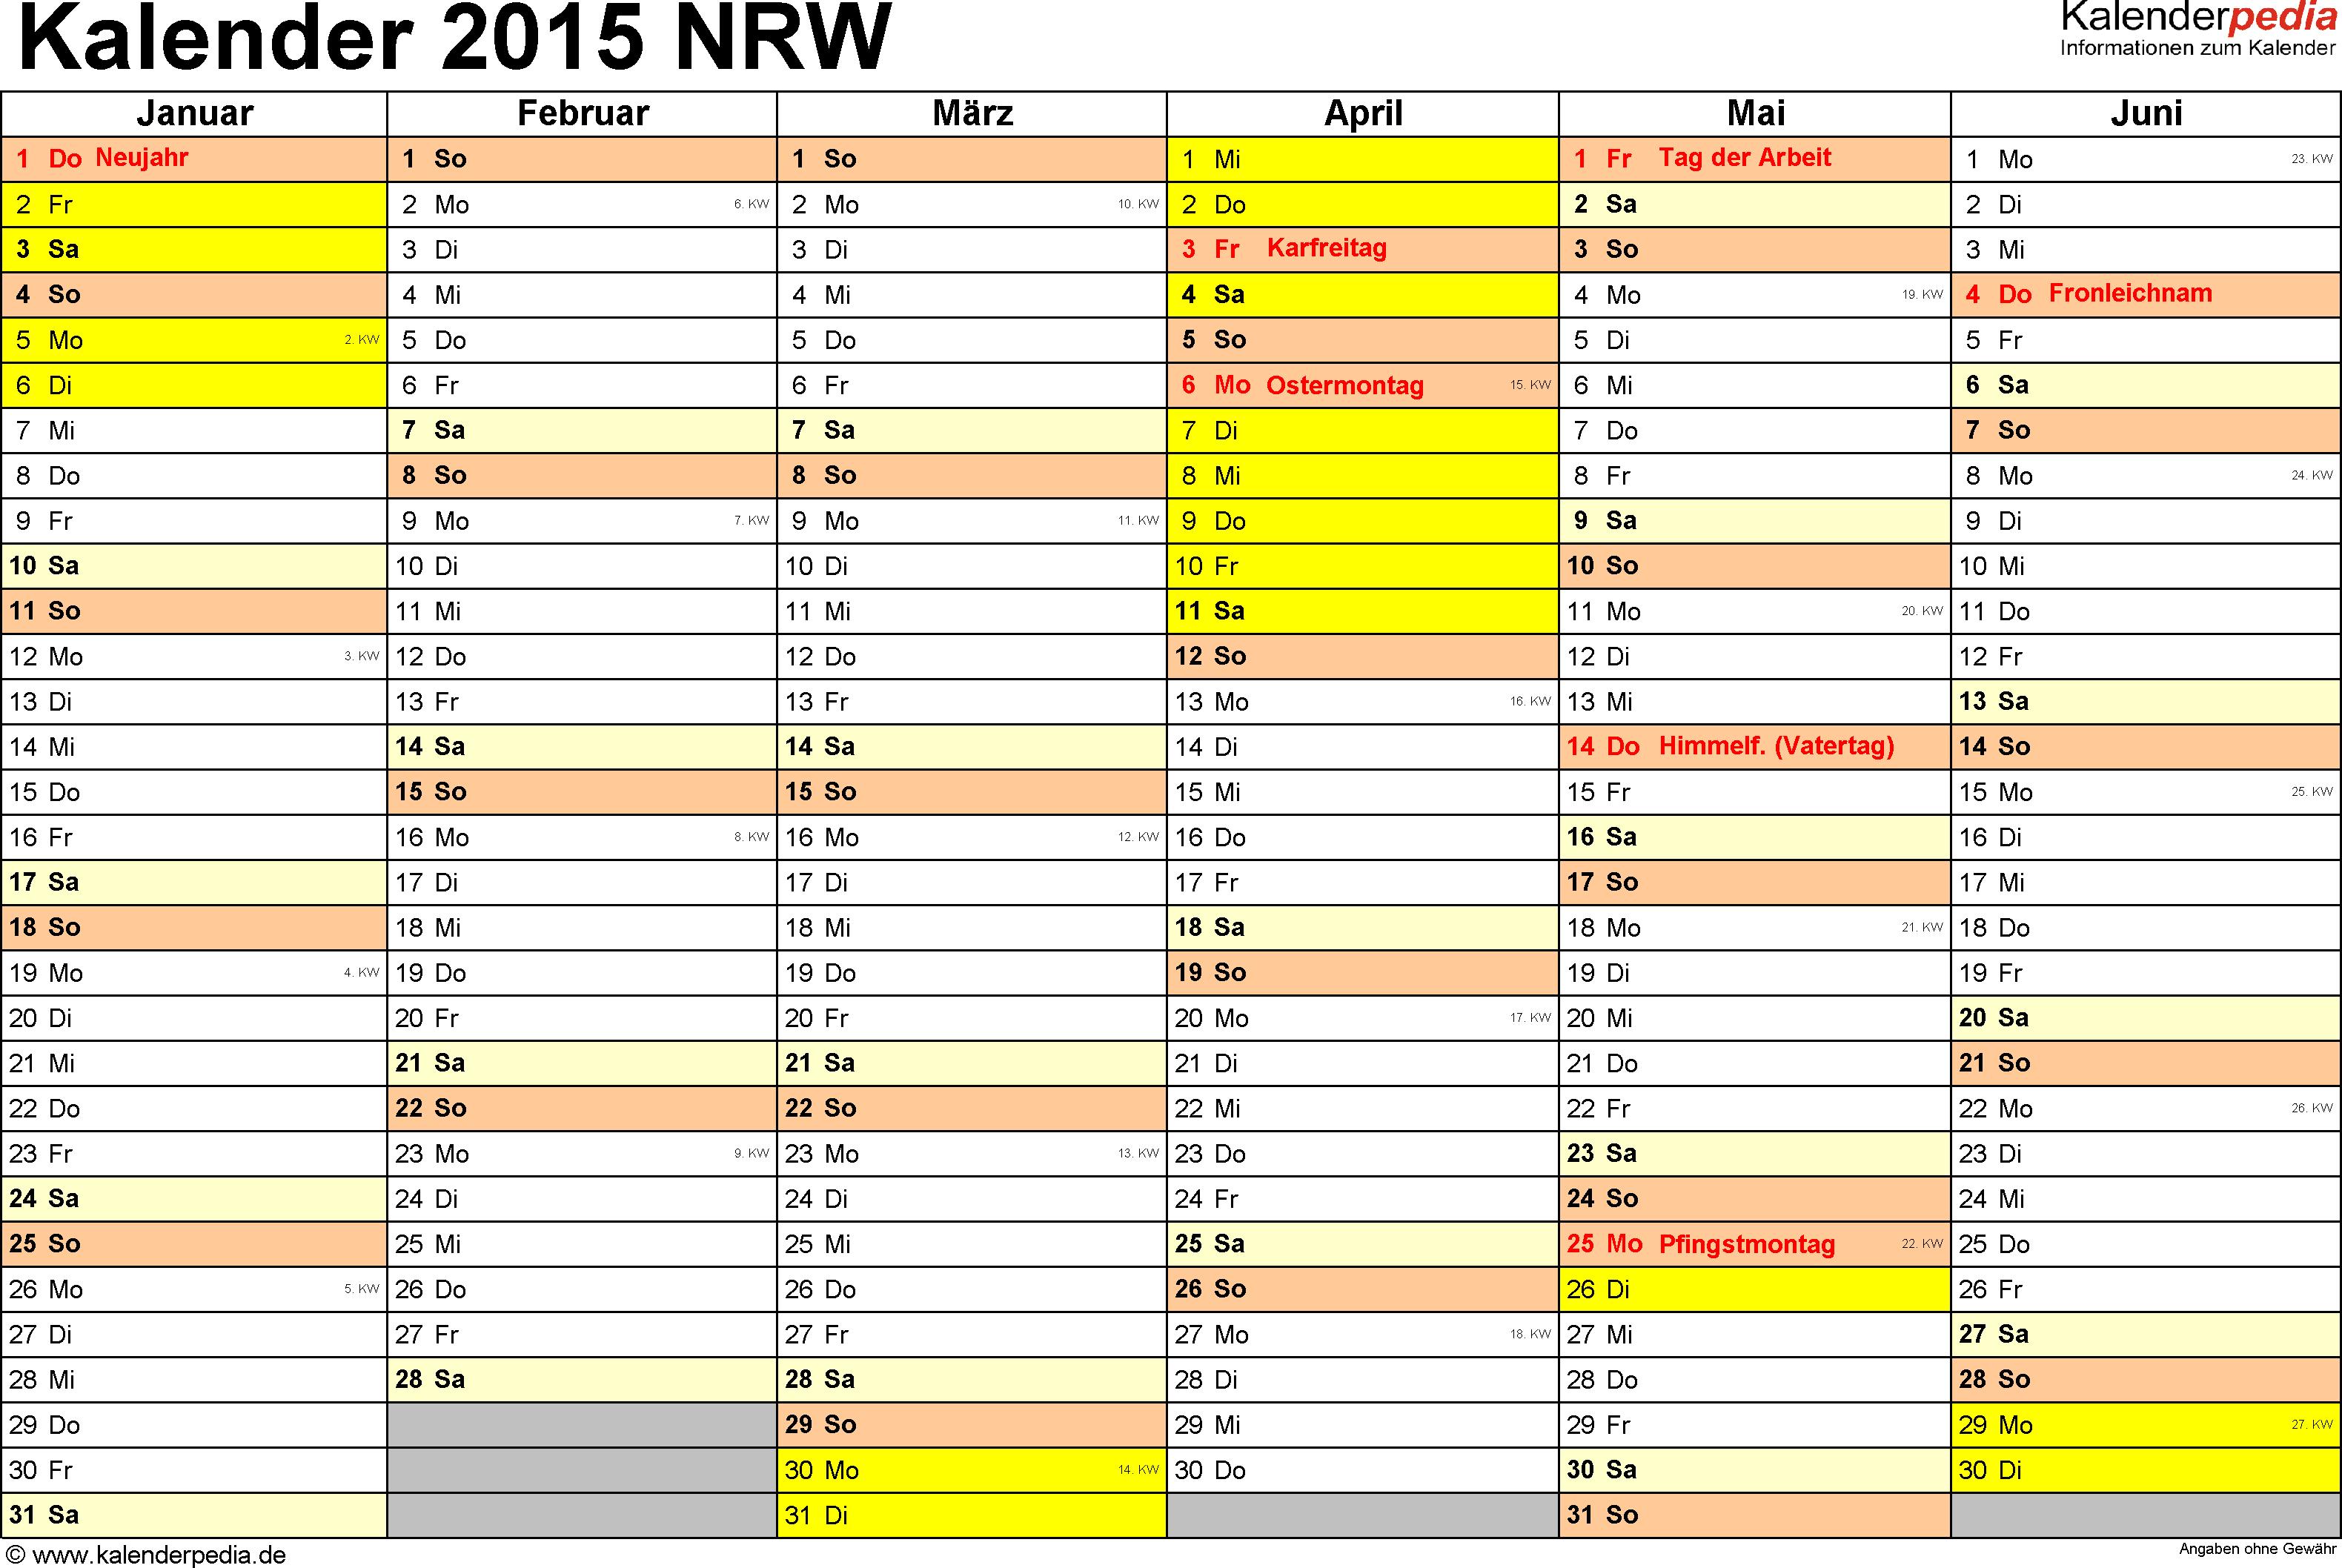 Vorlage 2: Kalender 2015 für Nordrhein-Westfalen (NRW) als PDF-Vorlage (Querformat, 2 Seiten)